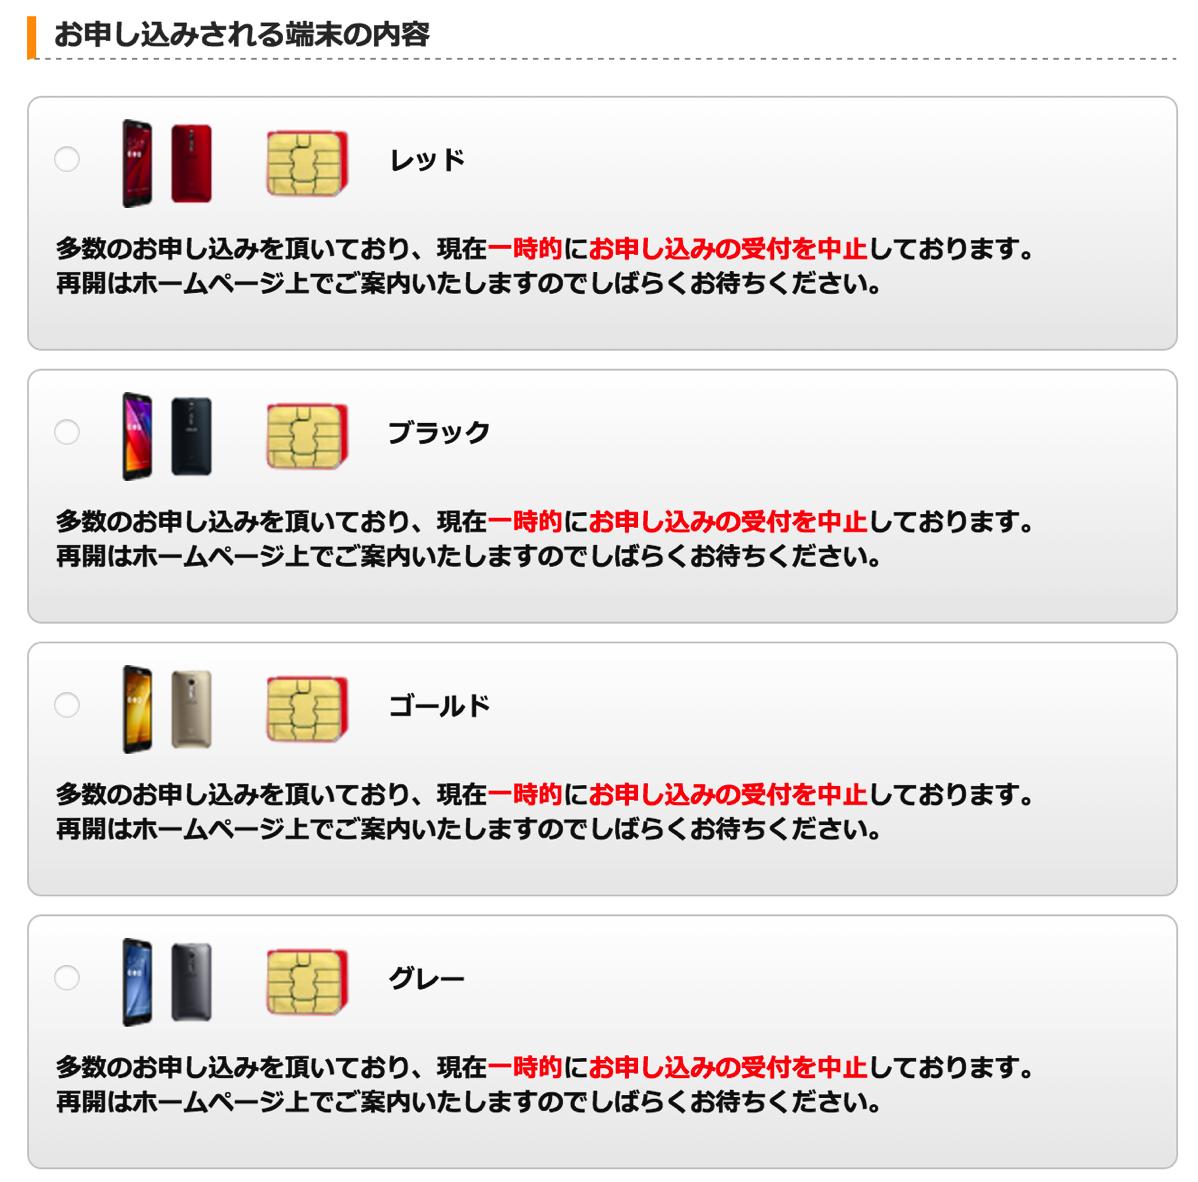 楽天モバイル(Web):ZenFone 2 RAM 4GB・ストレージ32GBモデルが一時在庫切れ